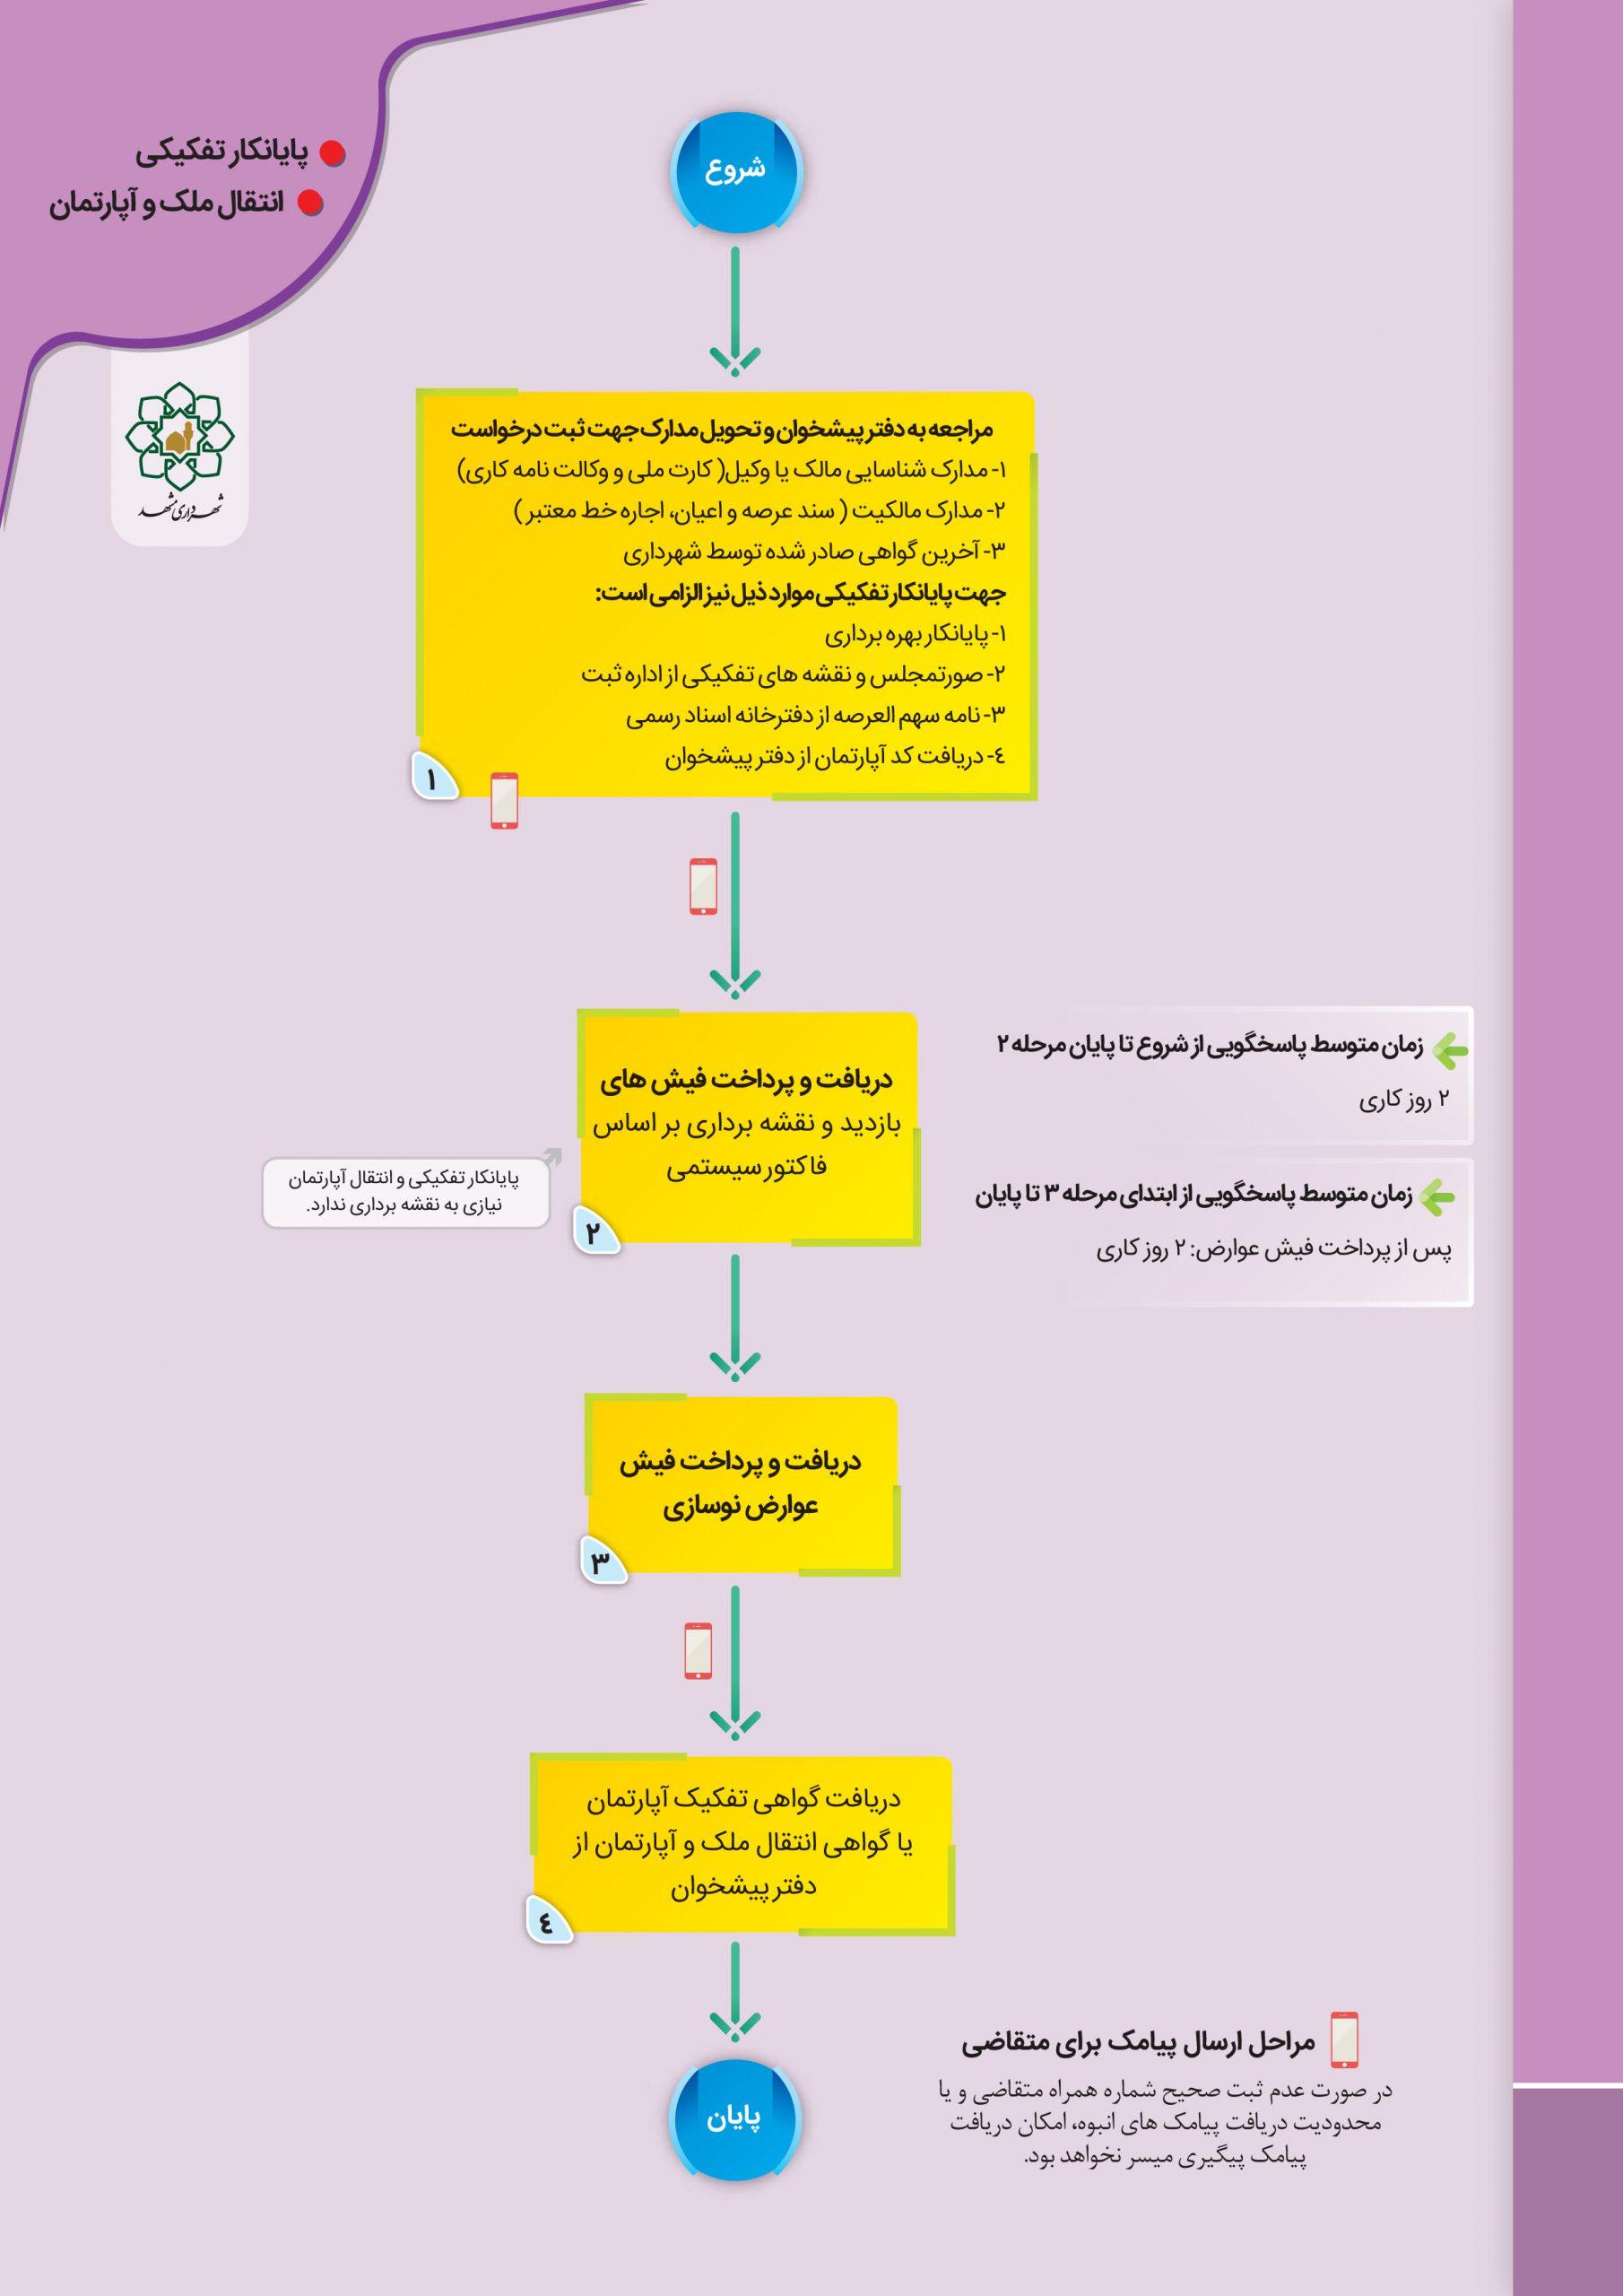 پایانکار تفکیکی در شهر مشهد